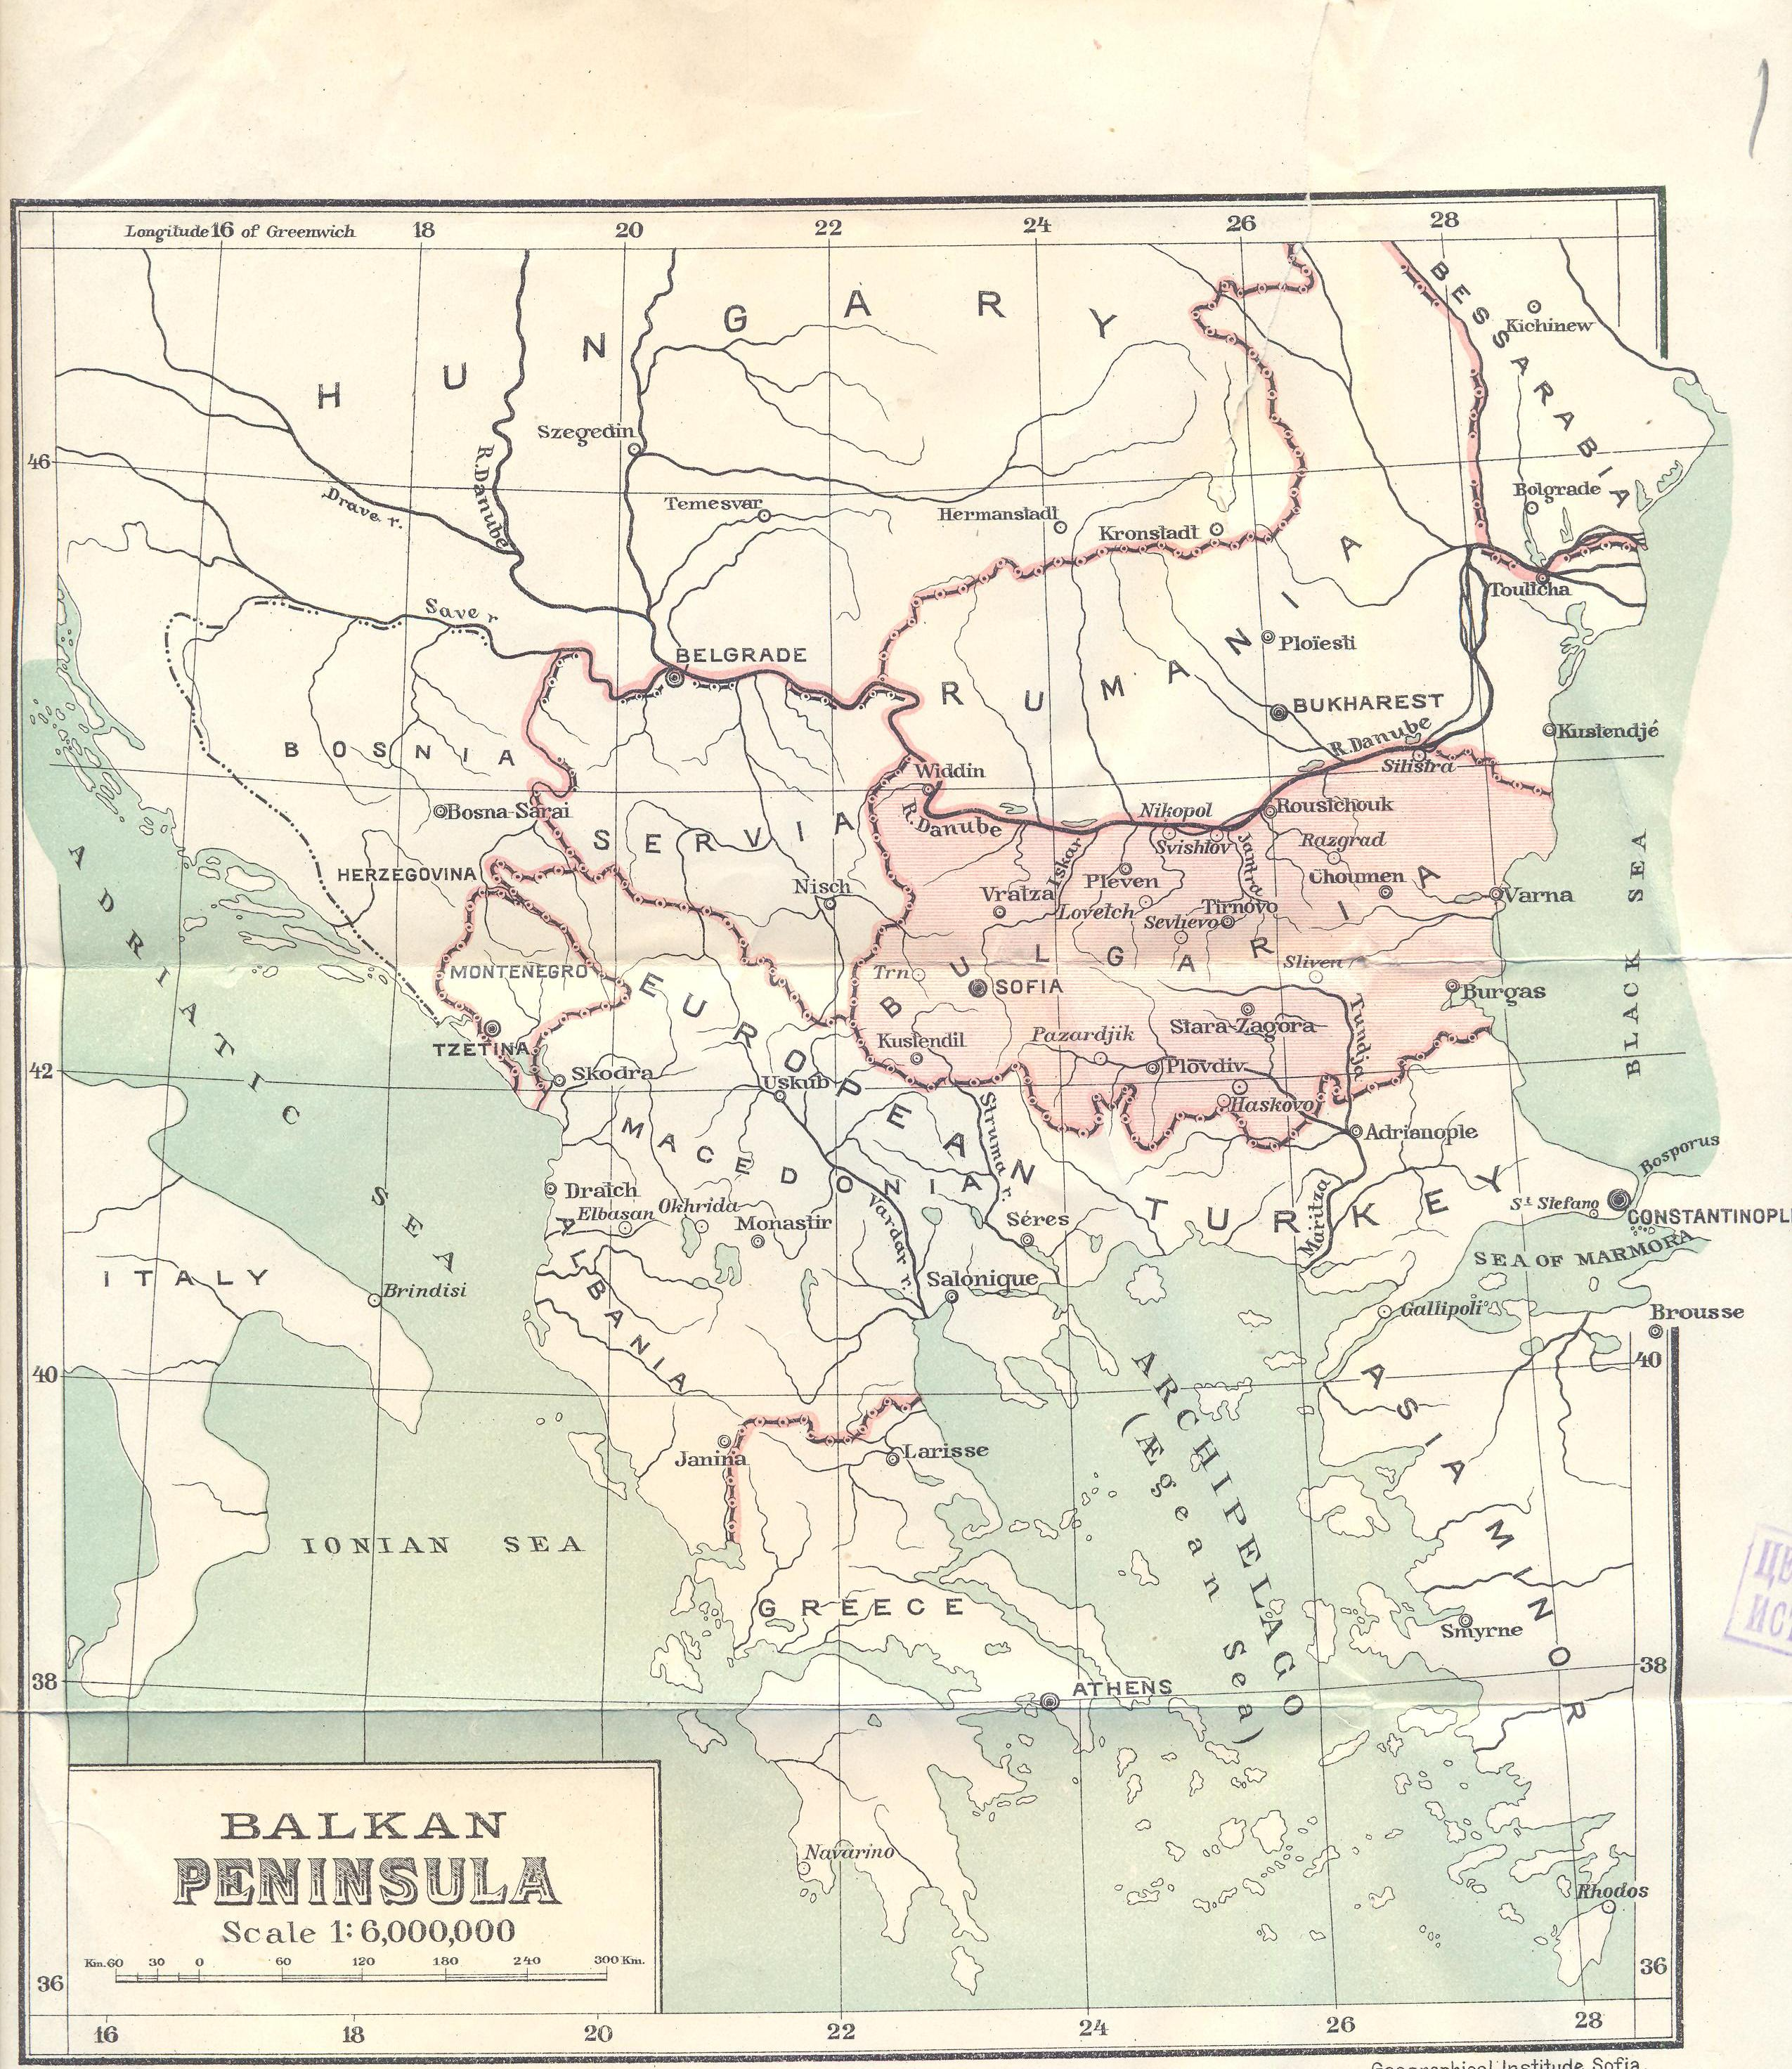 File:BASA-121K-1-367-14-Balkan Peninsula Map.jpeg - Wikimedia Commons